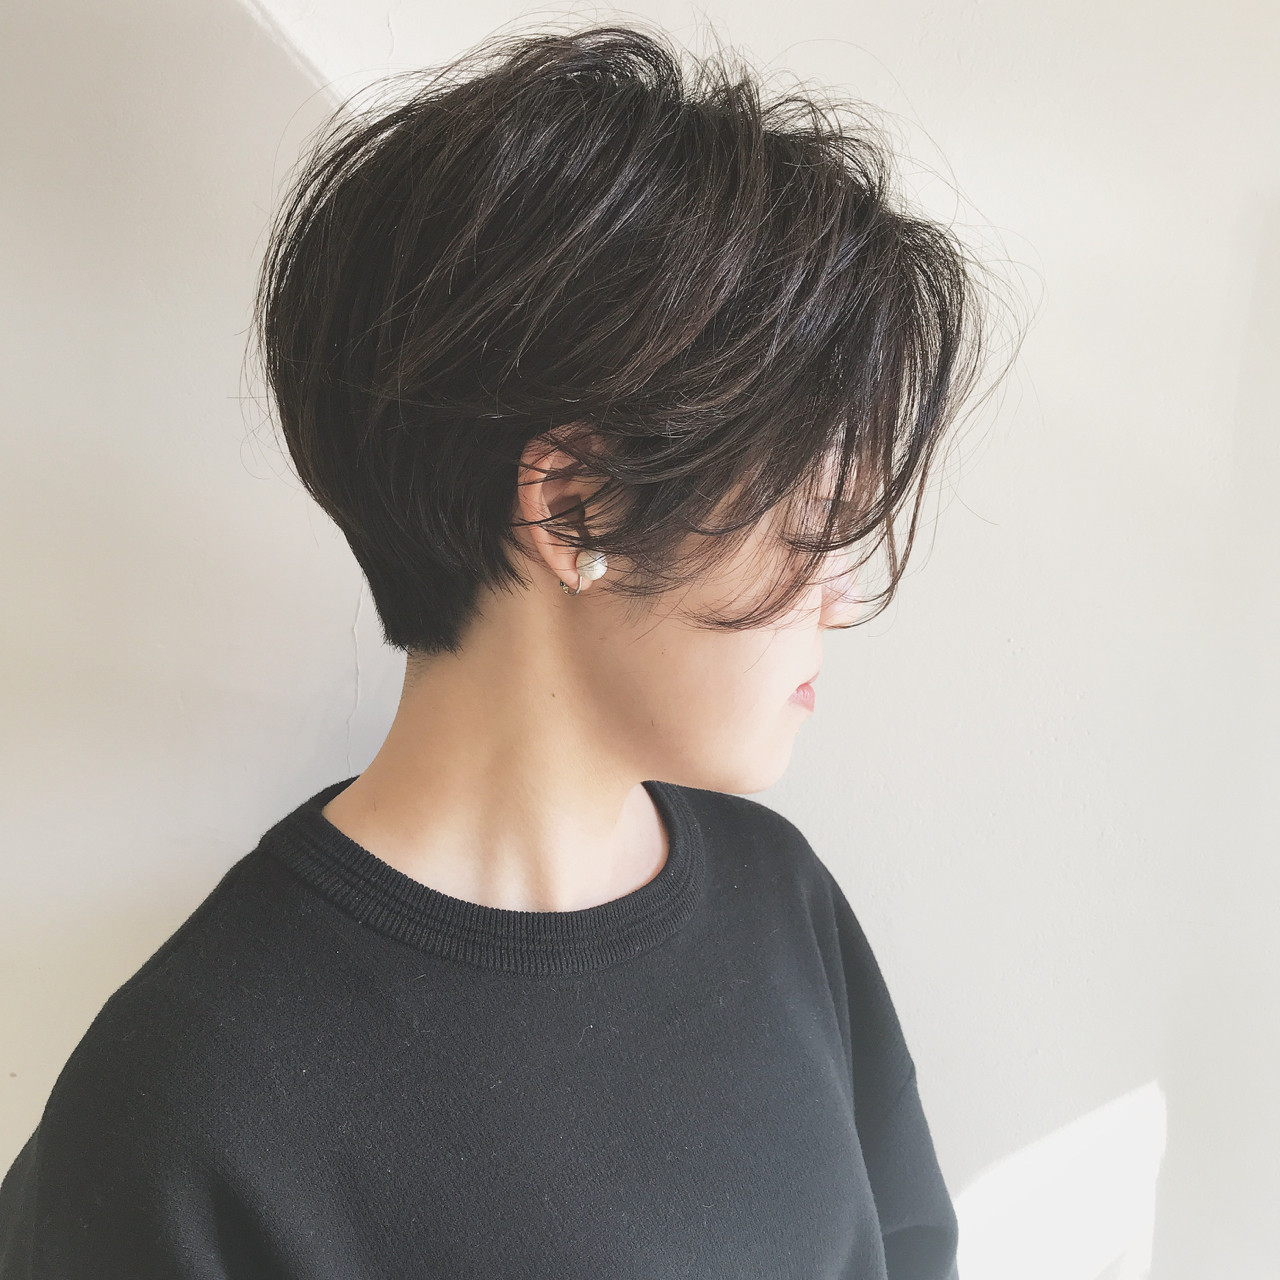 前髪長めの大人っぽショートでキマリ! 祖父江基志 | NOESALON